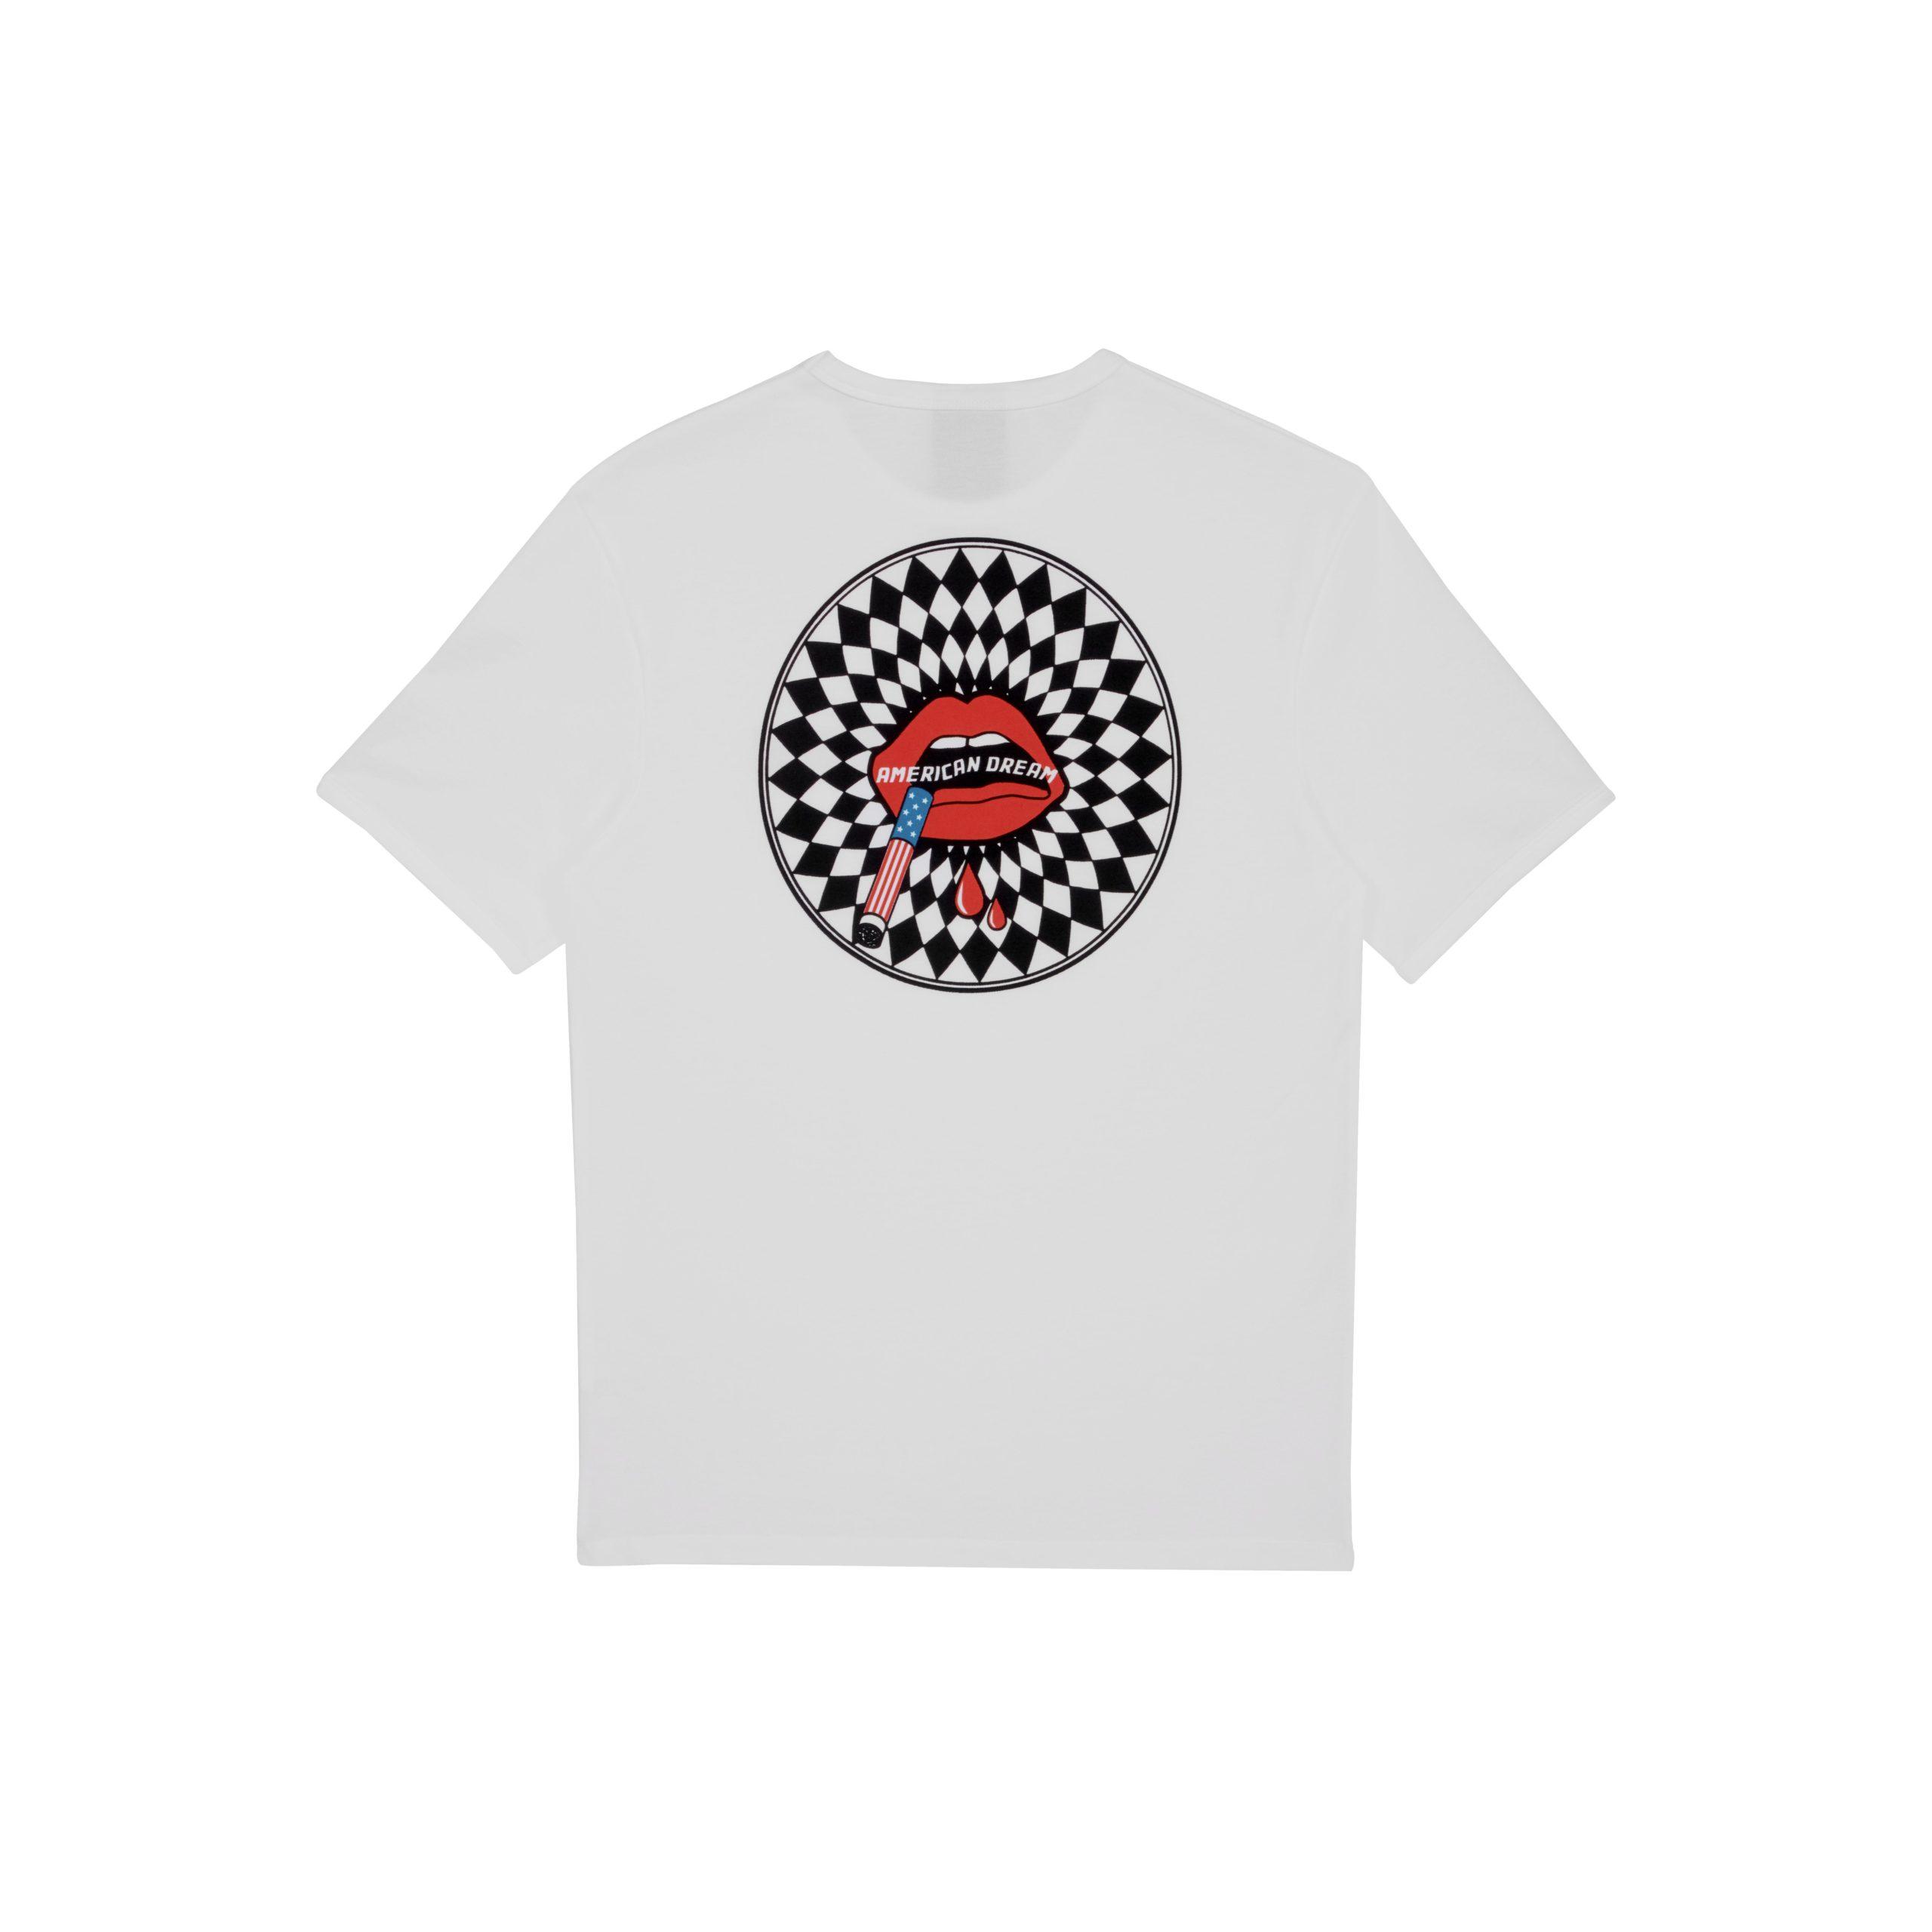 Stil Kommen nachhause im Pizzakarton: die stylischen Shirts von Richert Beil.